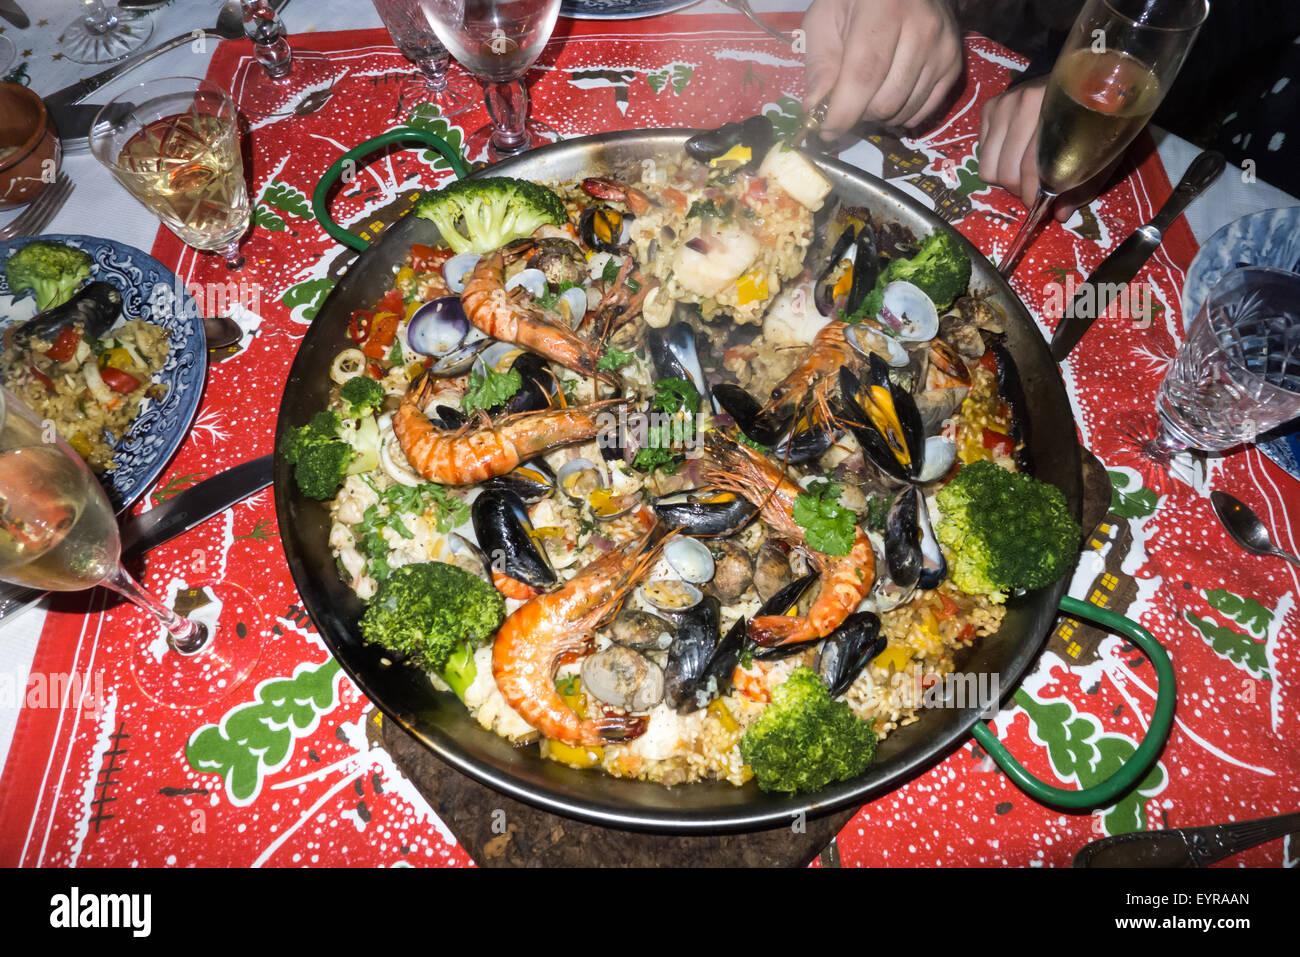 kingston upon thames surrey england christmas day dinner paella